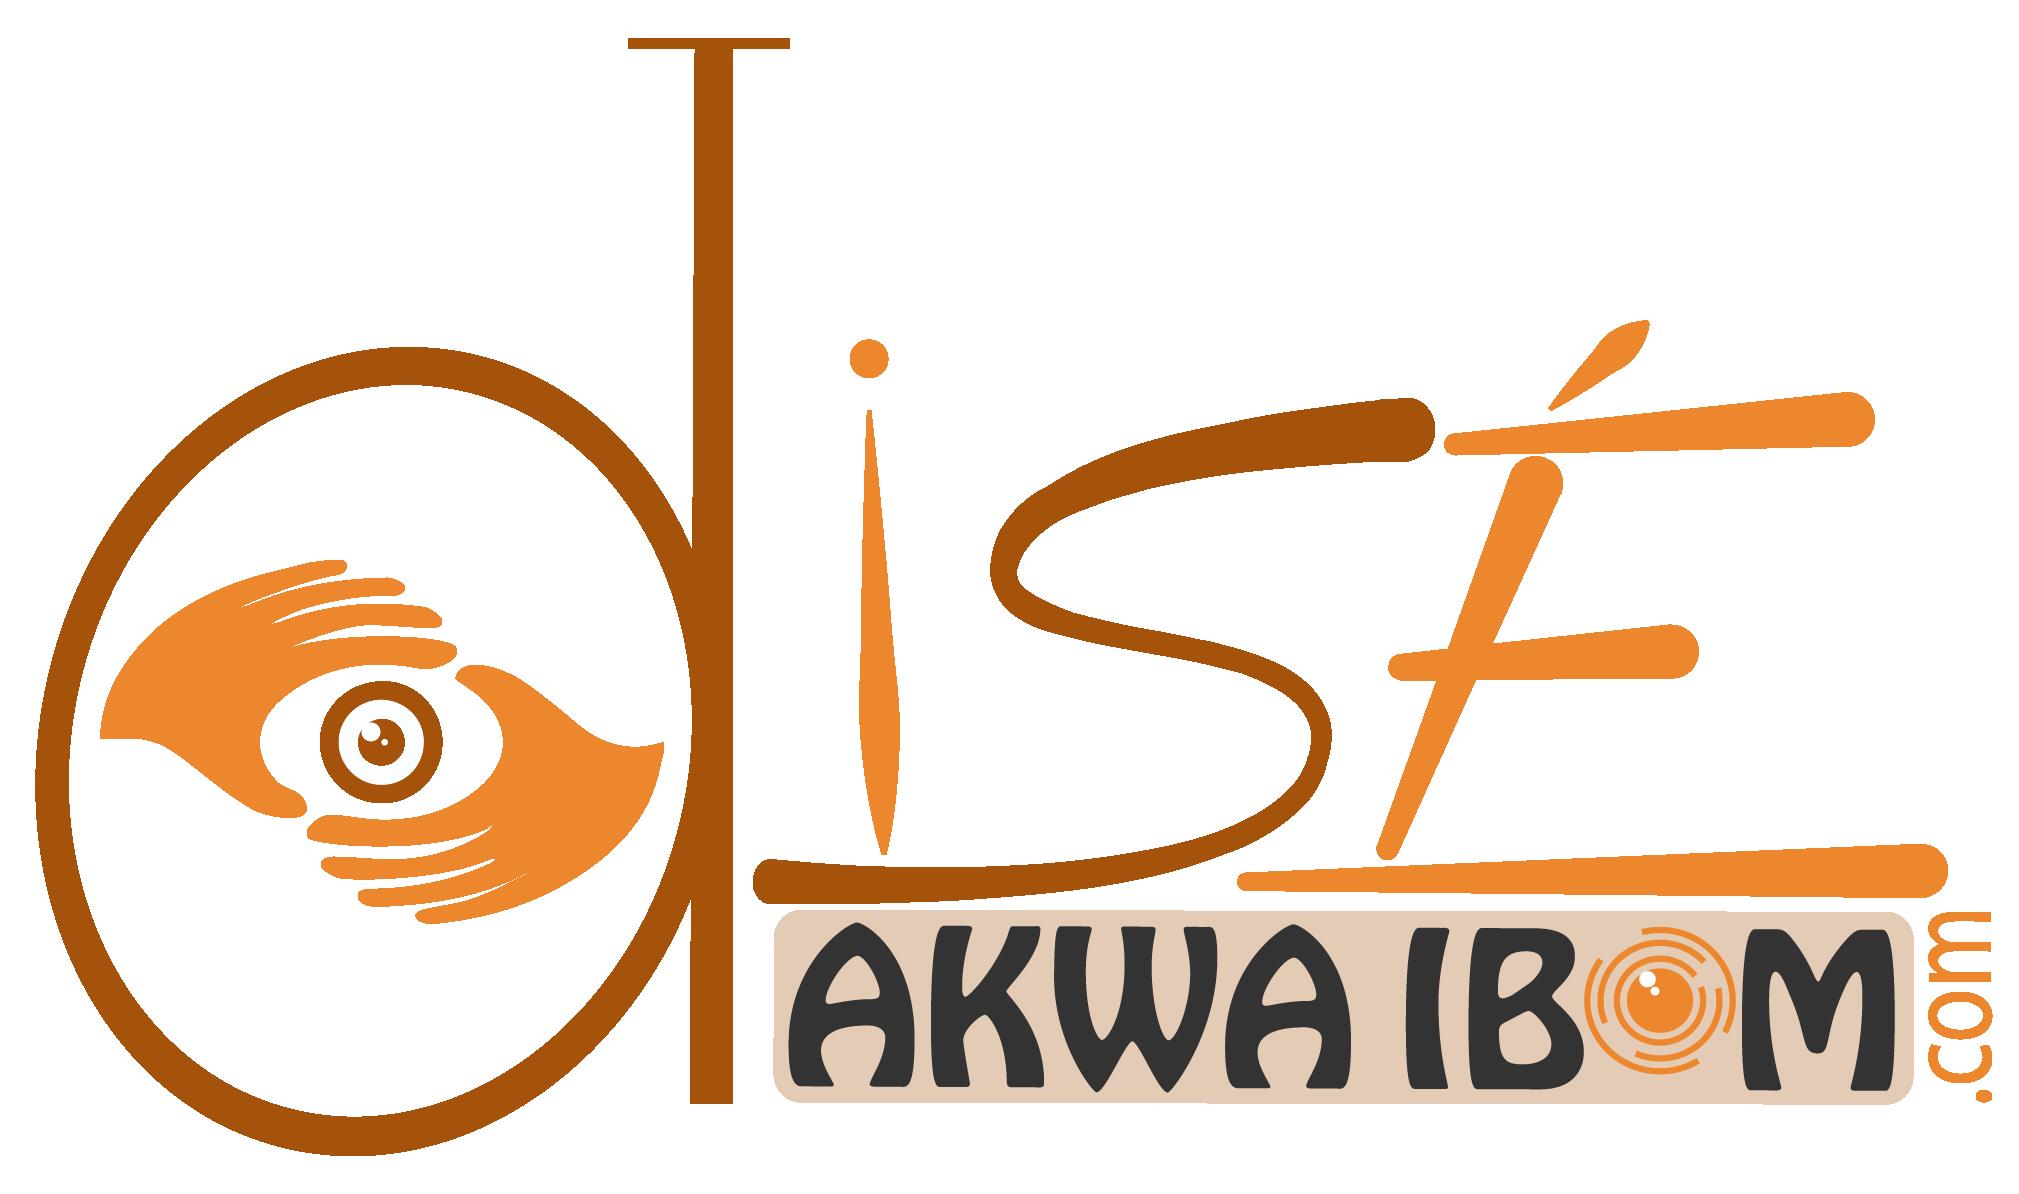 DiseAkwaIbom